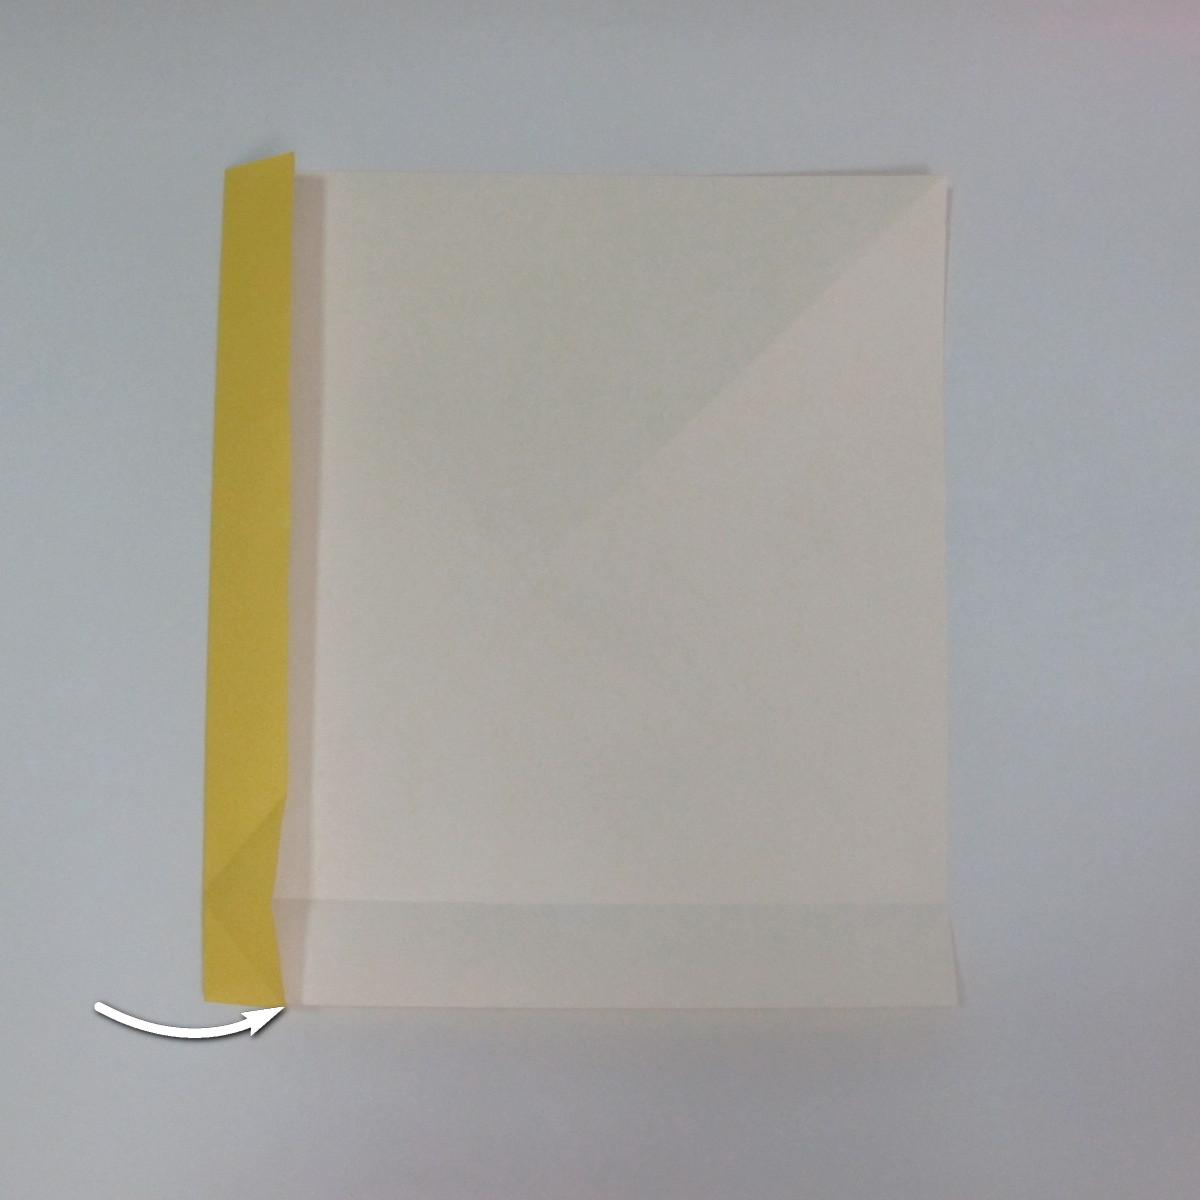 สอนวิธีพับกระดาษเป็นรูปลูกสุนัขยืนสองขา แบบของพอล ฟราสโก้ (Down Boy Dog Origami) 013